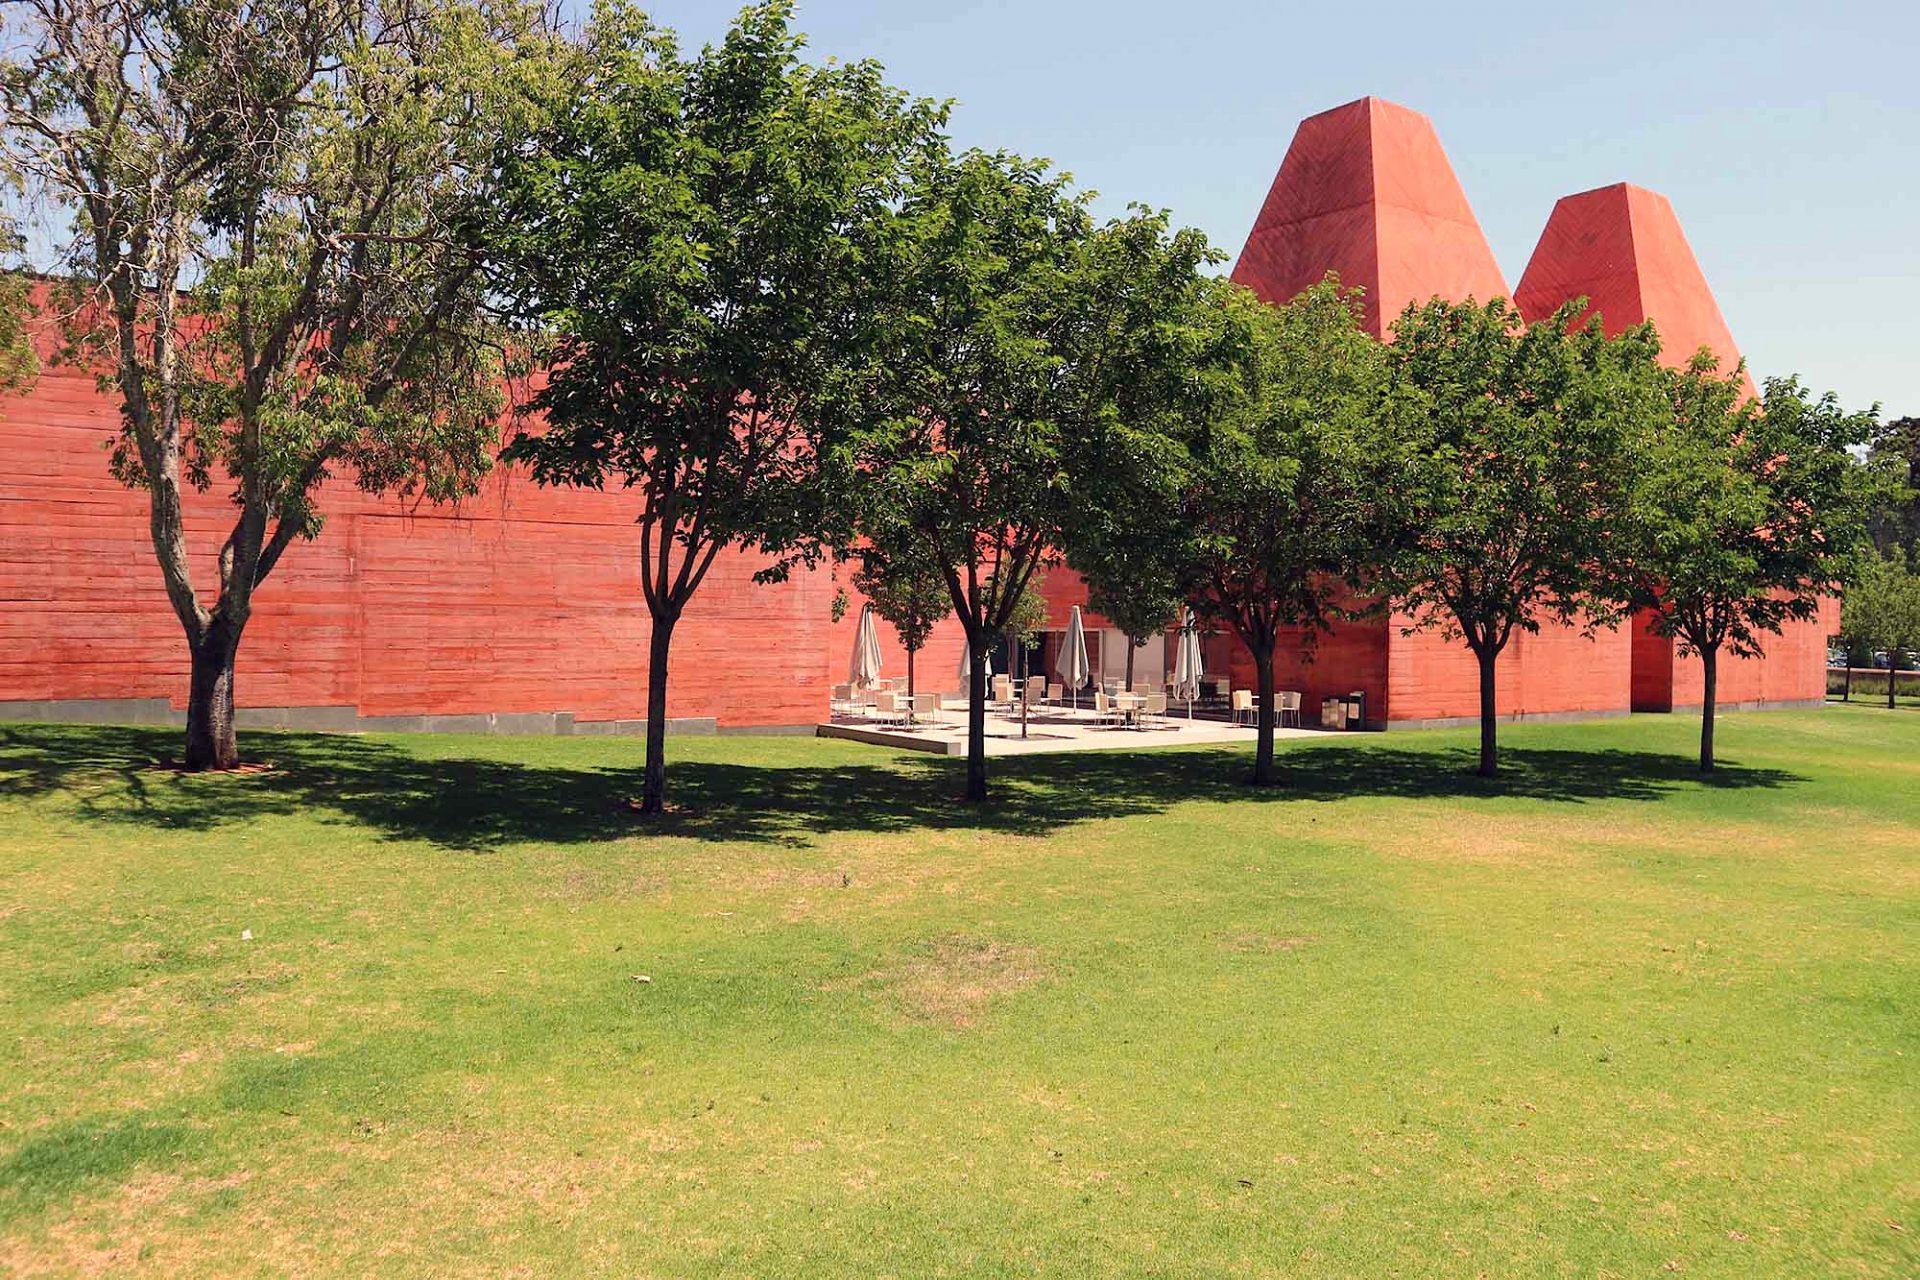 """Haus der Geschichten Paula Rego.  """"Die Verteilung der Körper erfolgte wie ein Abdruck eines Negativbildes, das sich außerhalb der Durchmesser der Baumwipfel ergibt. Dieses """"Yang""""- und """"Yin""""-Spiel, zwischen künstlich Geschaffenem und der Natur half mir auch bei der Entscheidung für roten Beton als Außenmaterial – die Kontrastfarbe zum Grün der Bäume."""" – Eduardo Souto de Moura"""